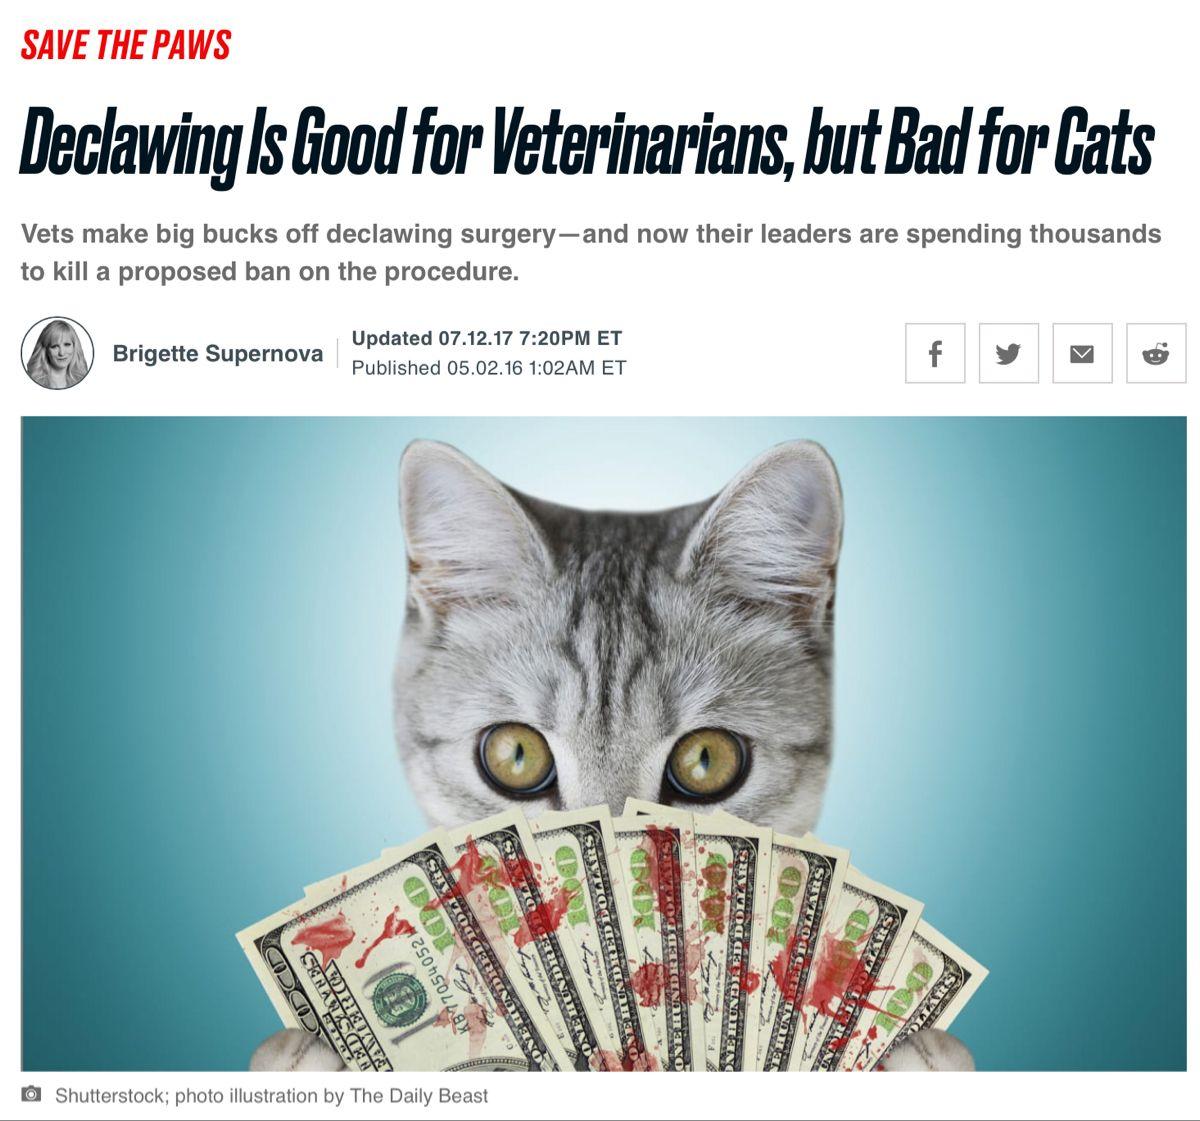 Avmameets Catvets Avmavets Aahahealthypet Vettech Aaha2020 Aahaday Njvma Marspetcare Banfield Celasersvet Vcapethe Cat Vet Vet Med Pet Care